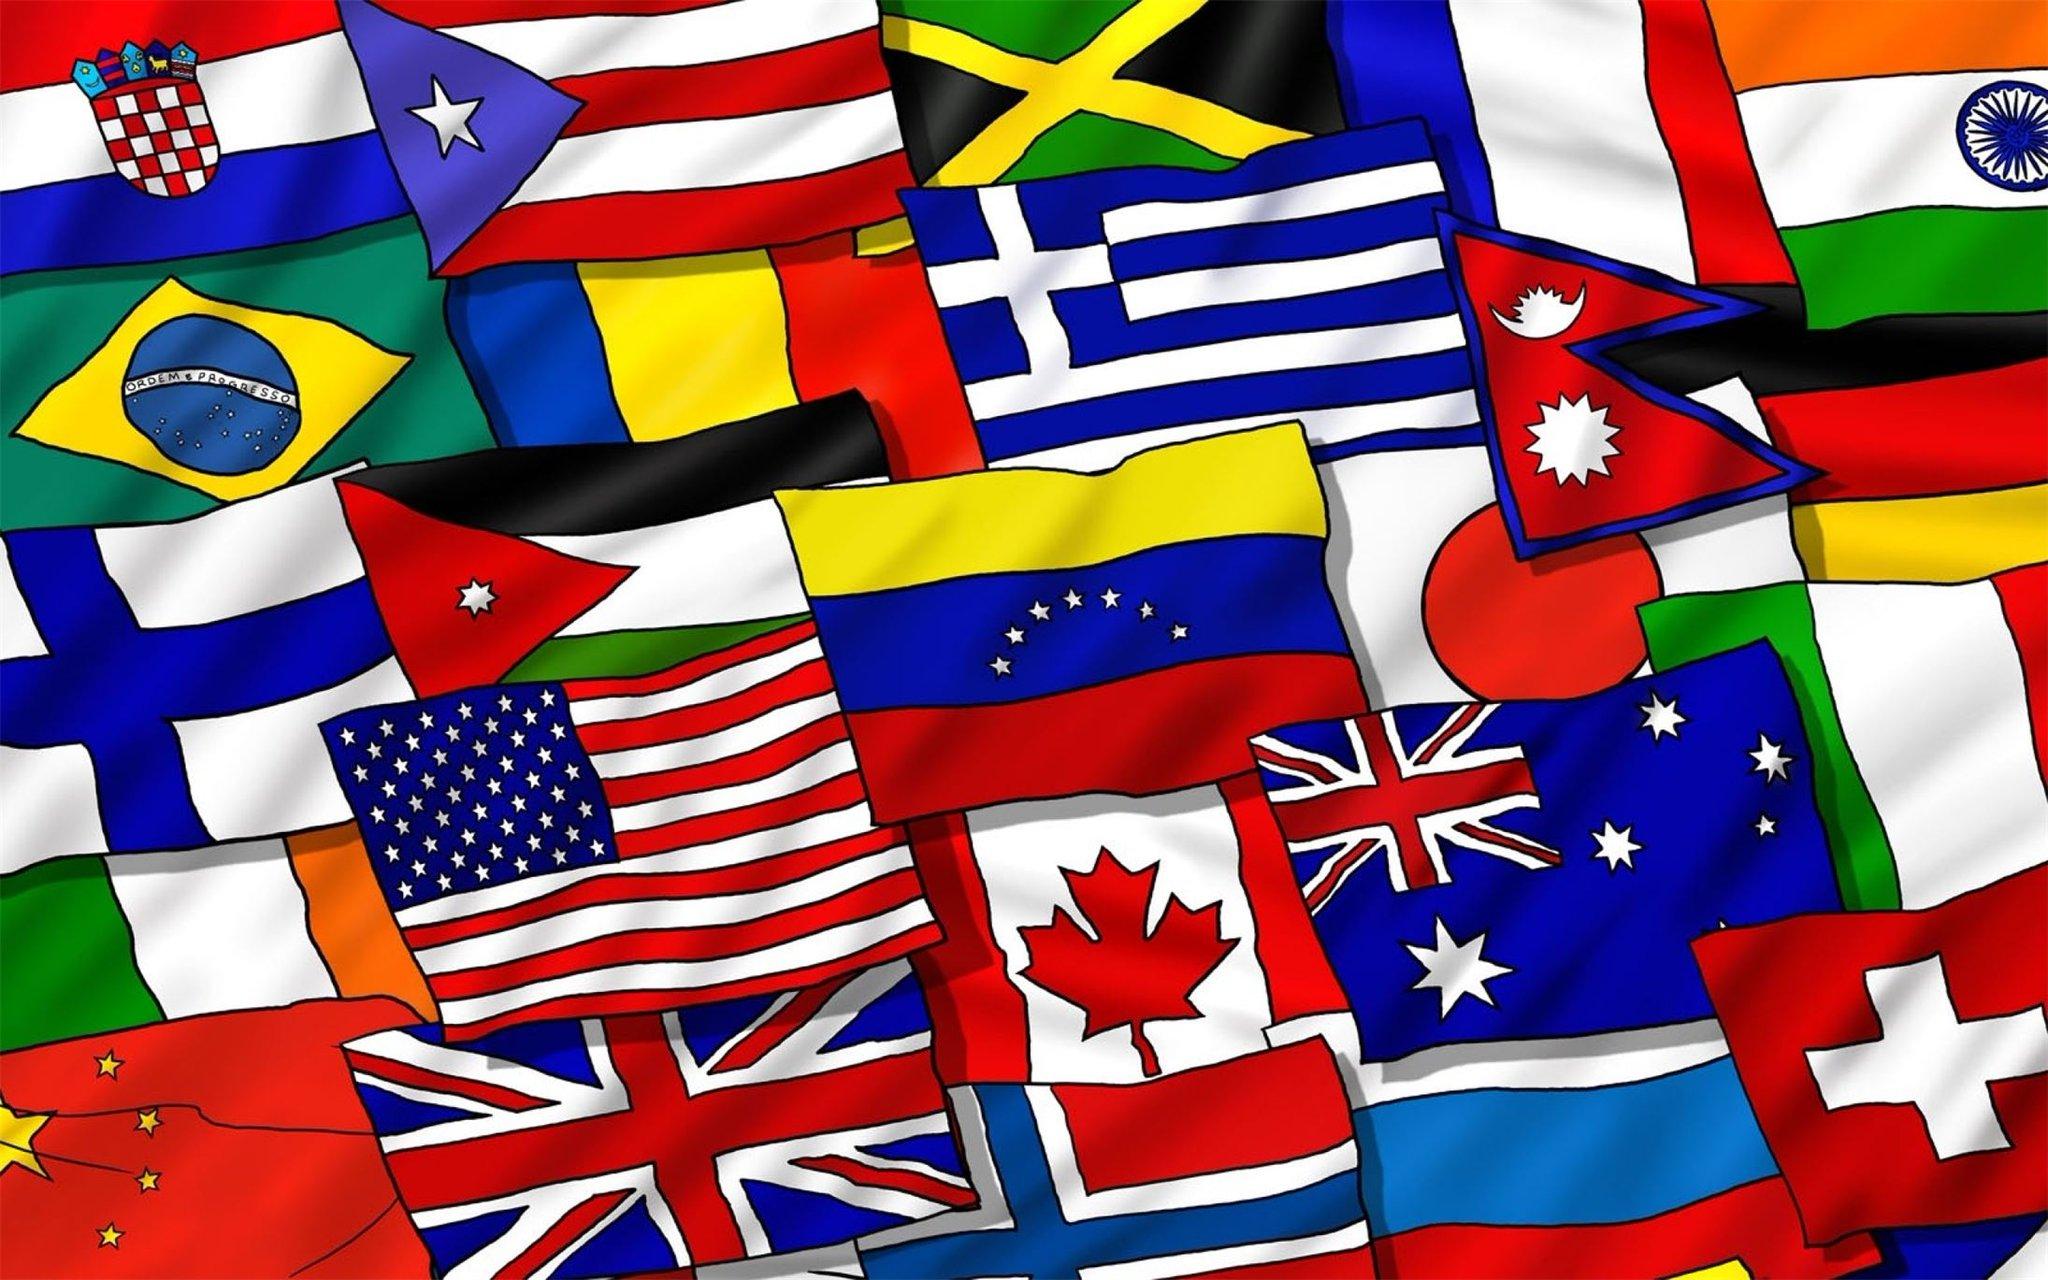 борту самолета картинки флагов всех стран в мире откалибровать экран